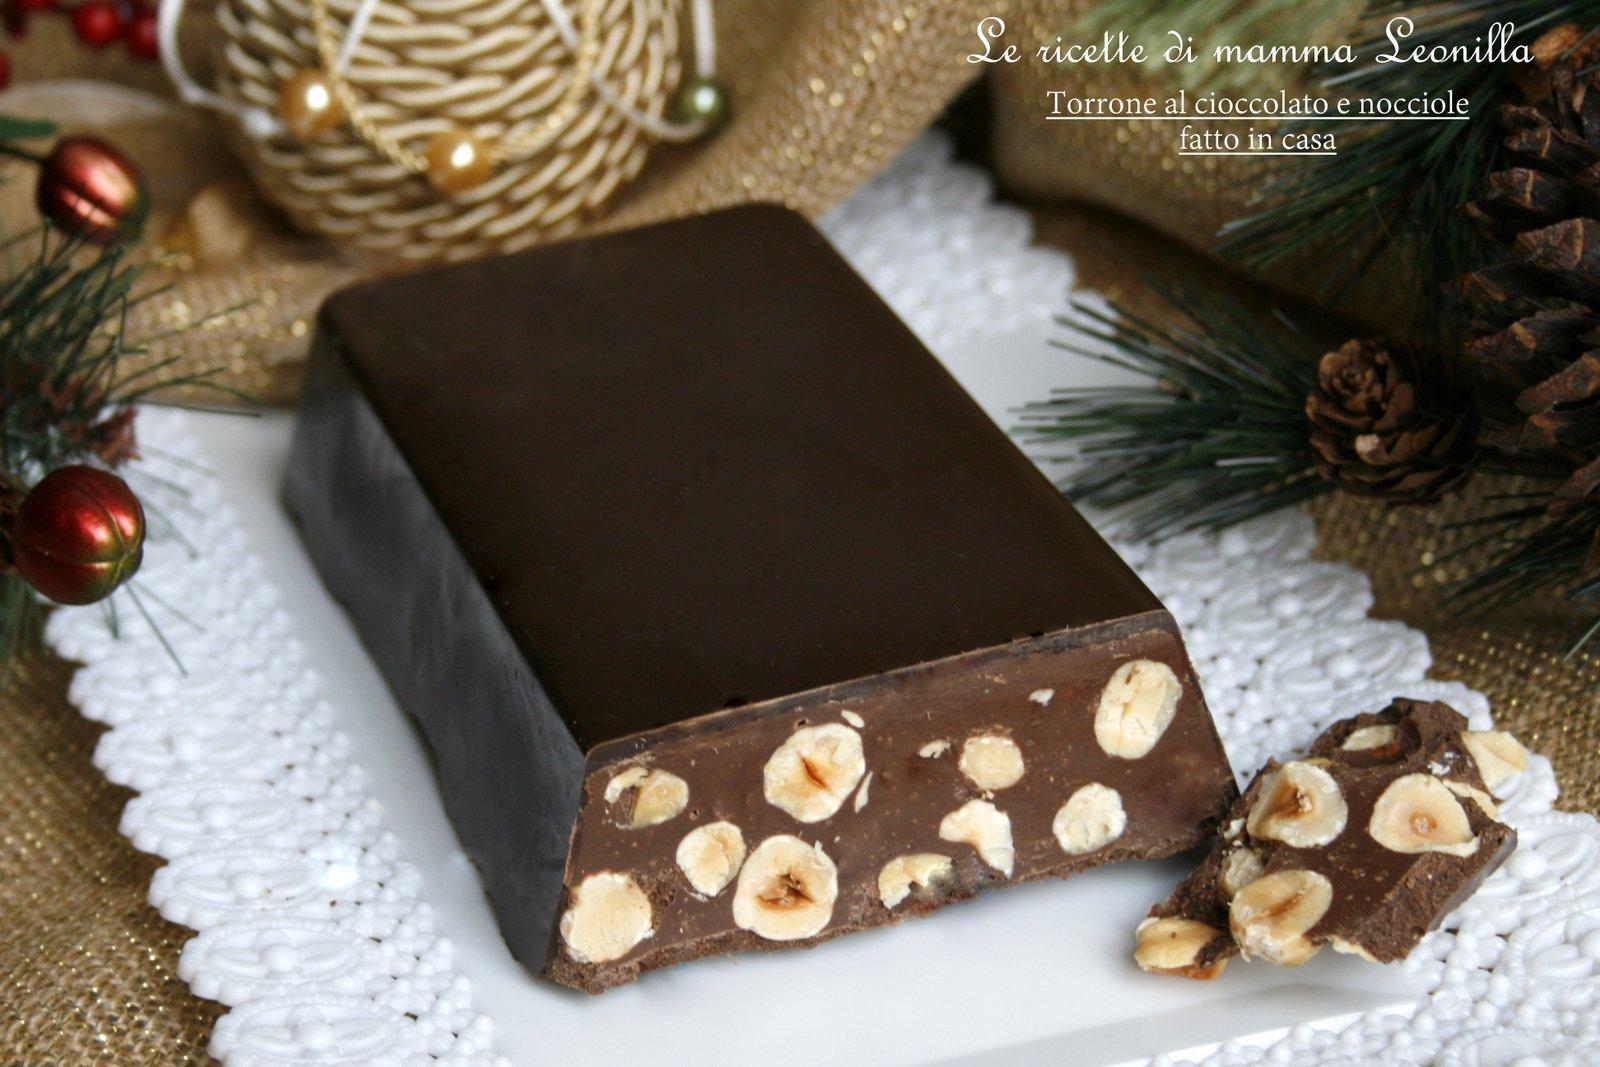 Casetta Di Natale Di Cioccolato : Torrone al cioccolato e nocciole fatto in casa ricetta facile e